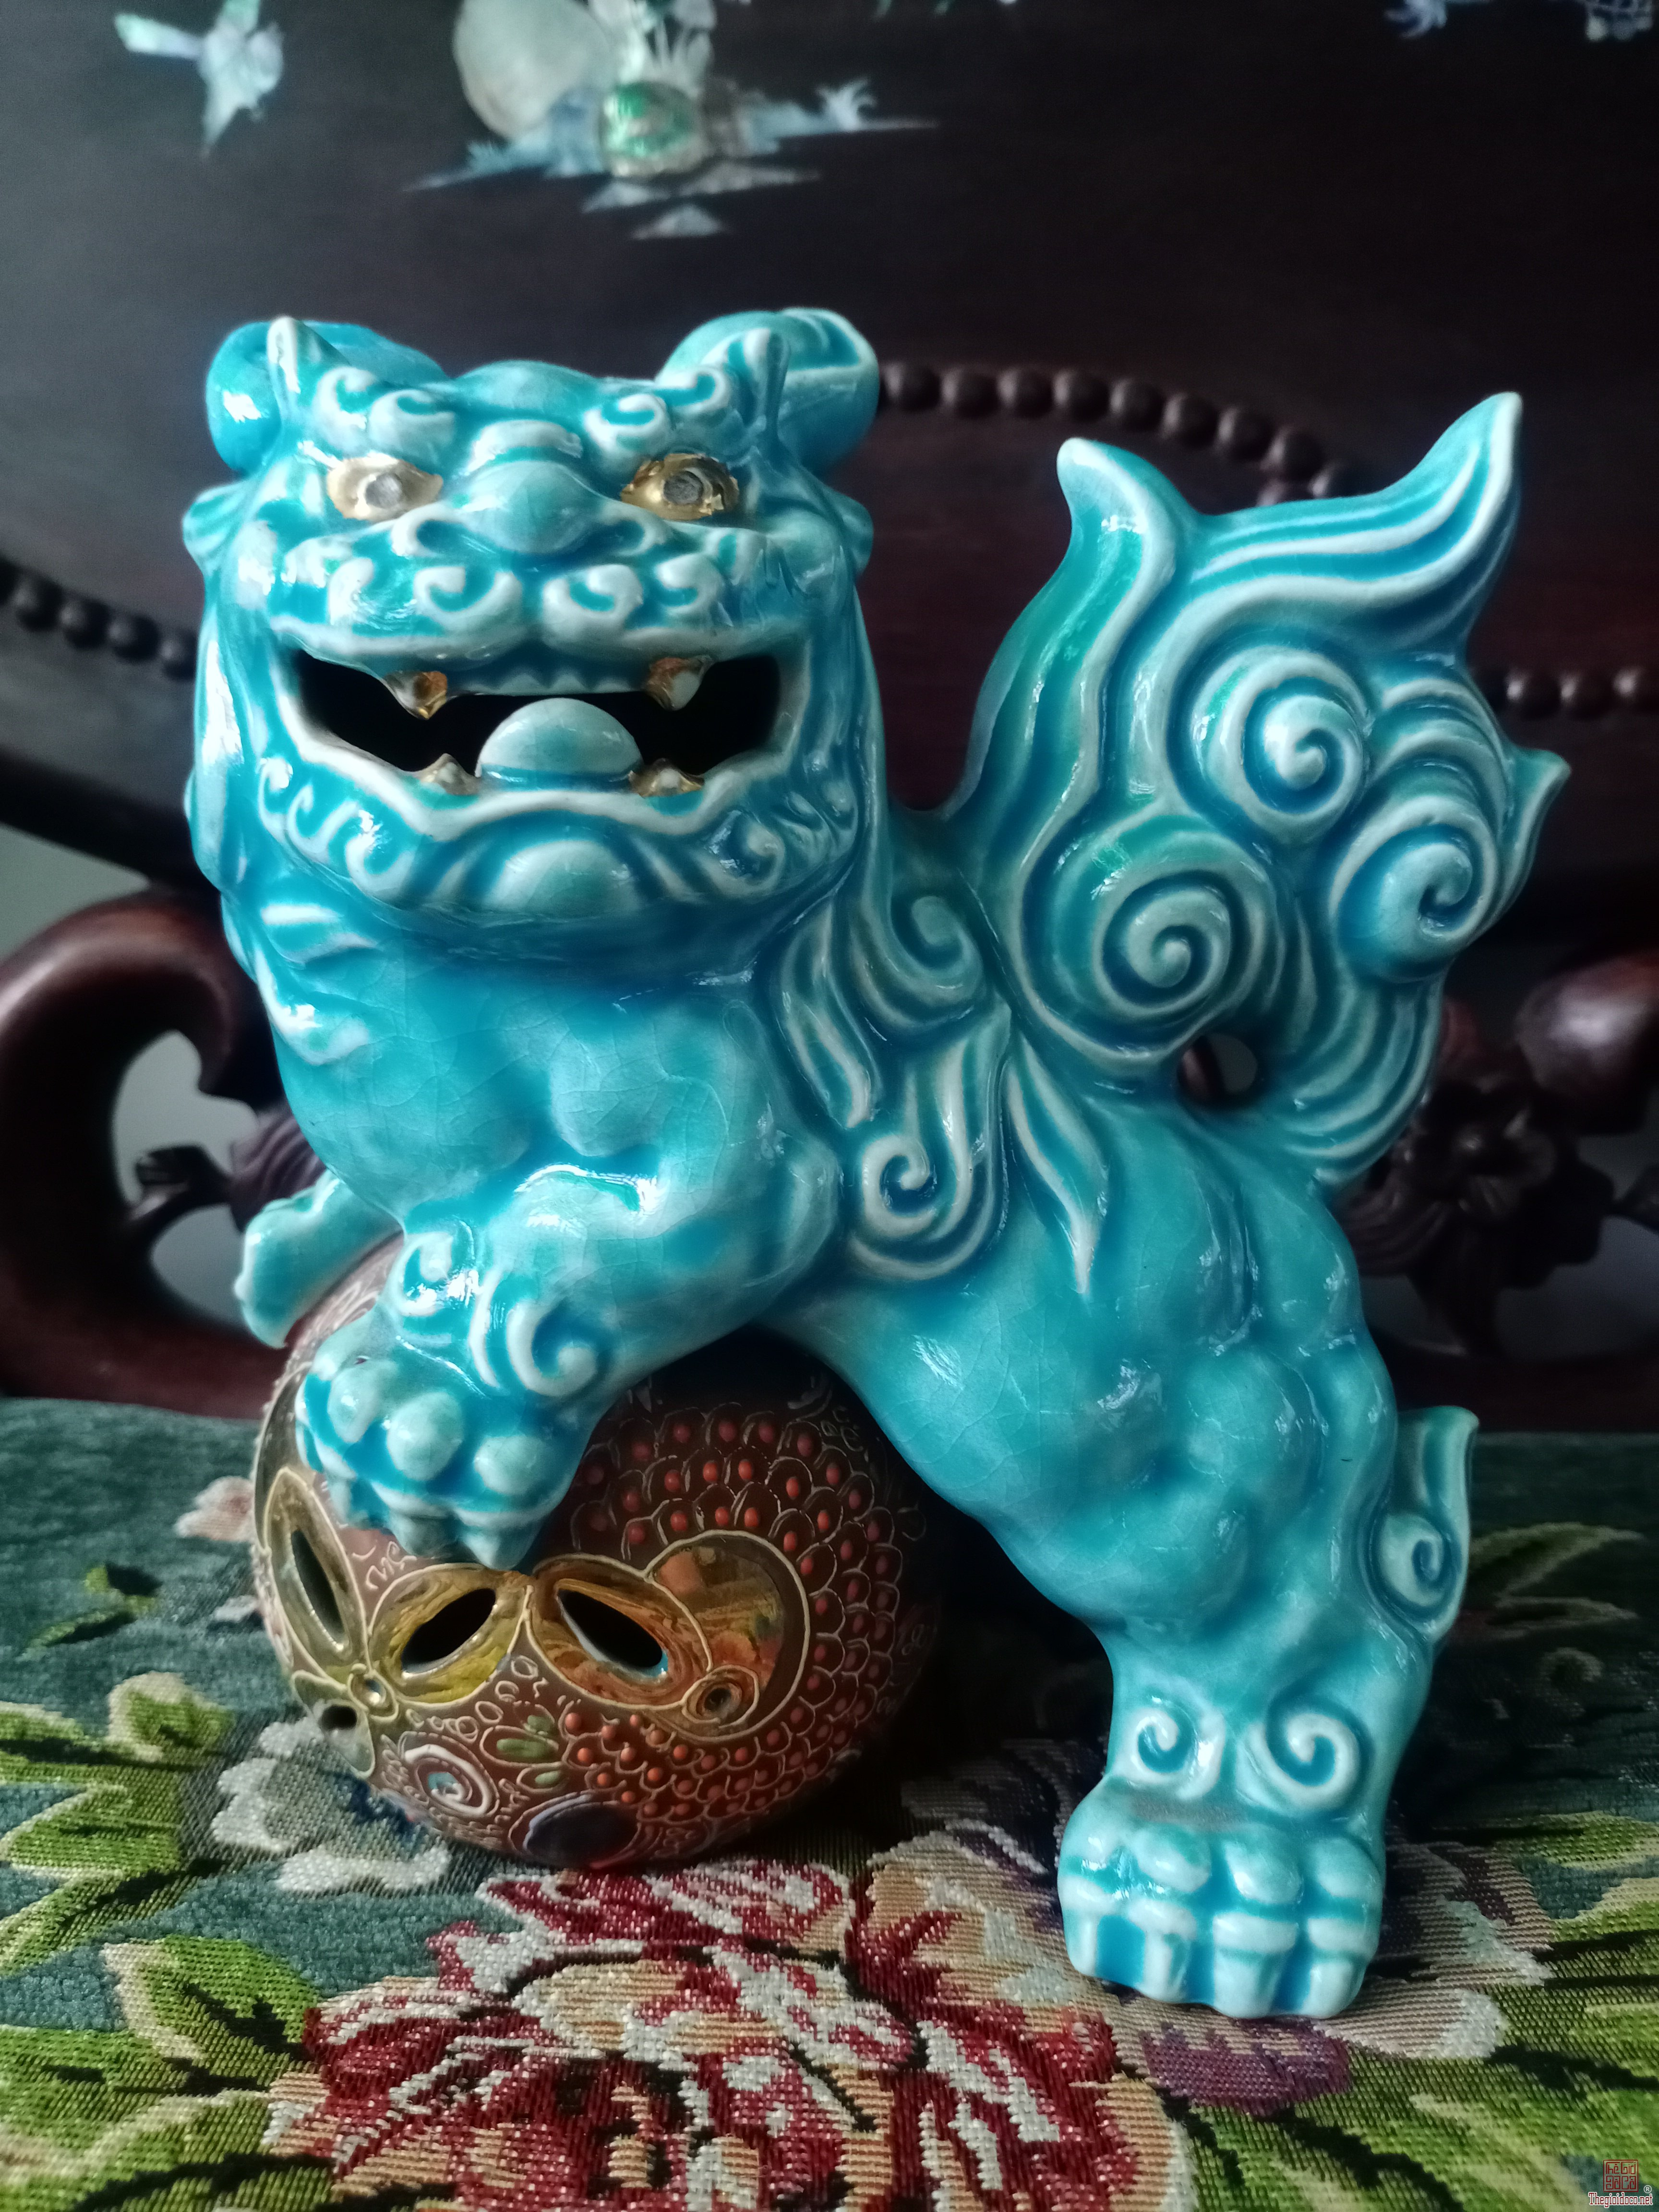 Lân hí cầu dòng gốm Kutani Nhật, trang trí và trưng bày trong nhà mang lại sự tốt lành, lợi lộc